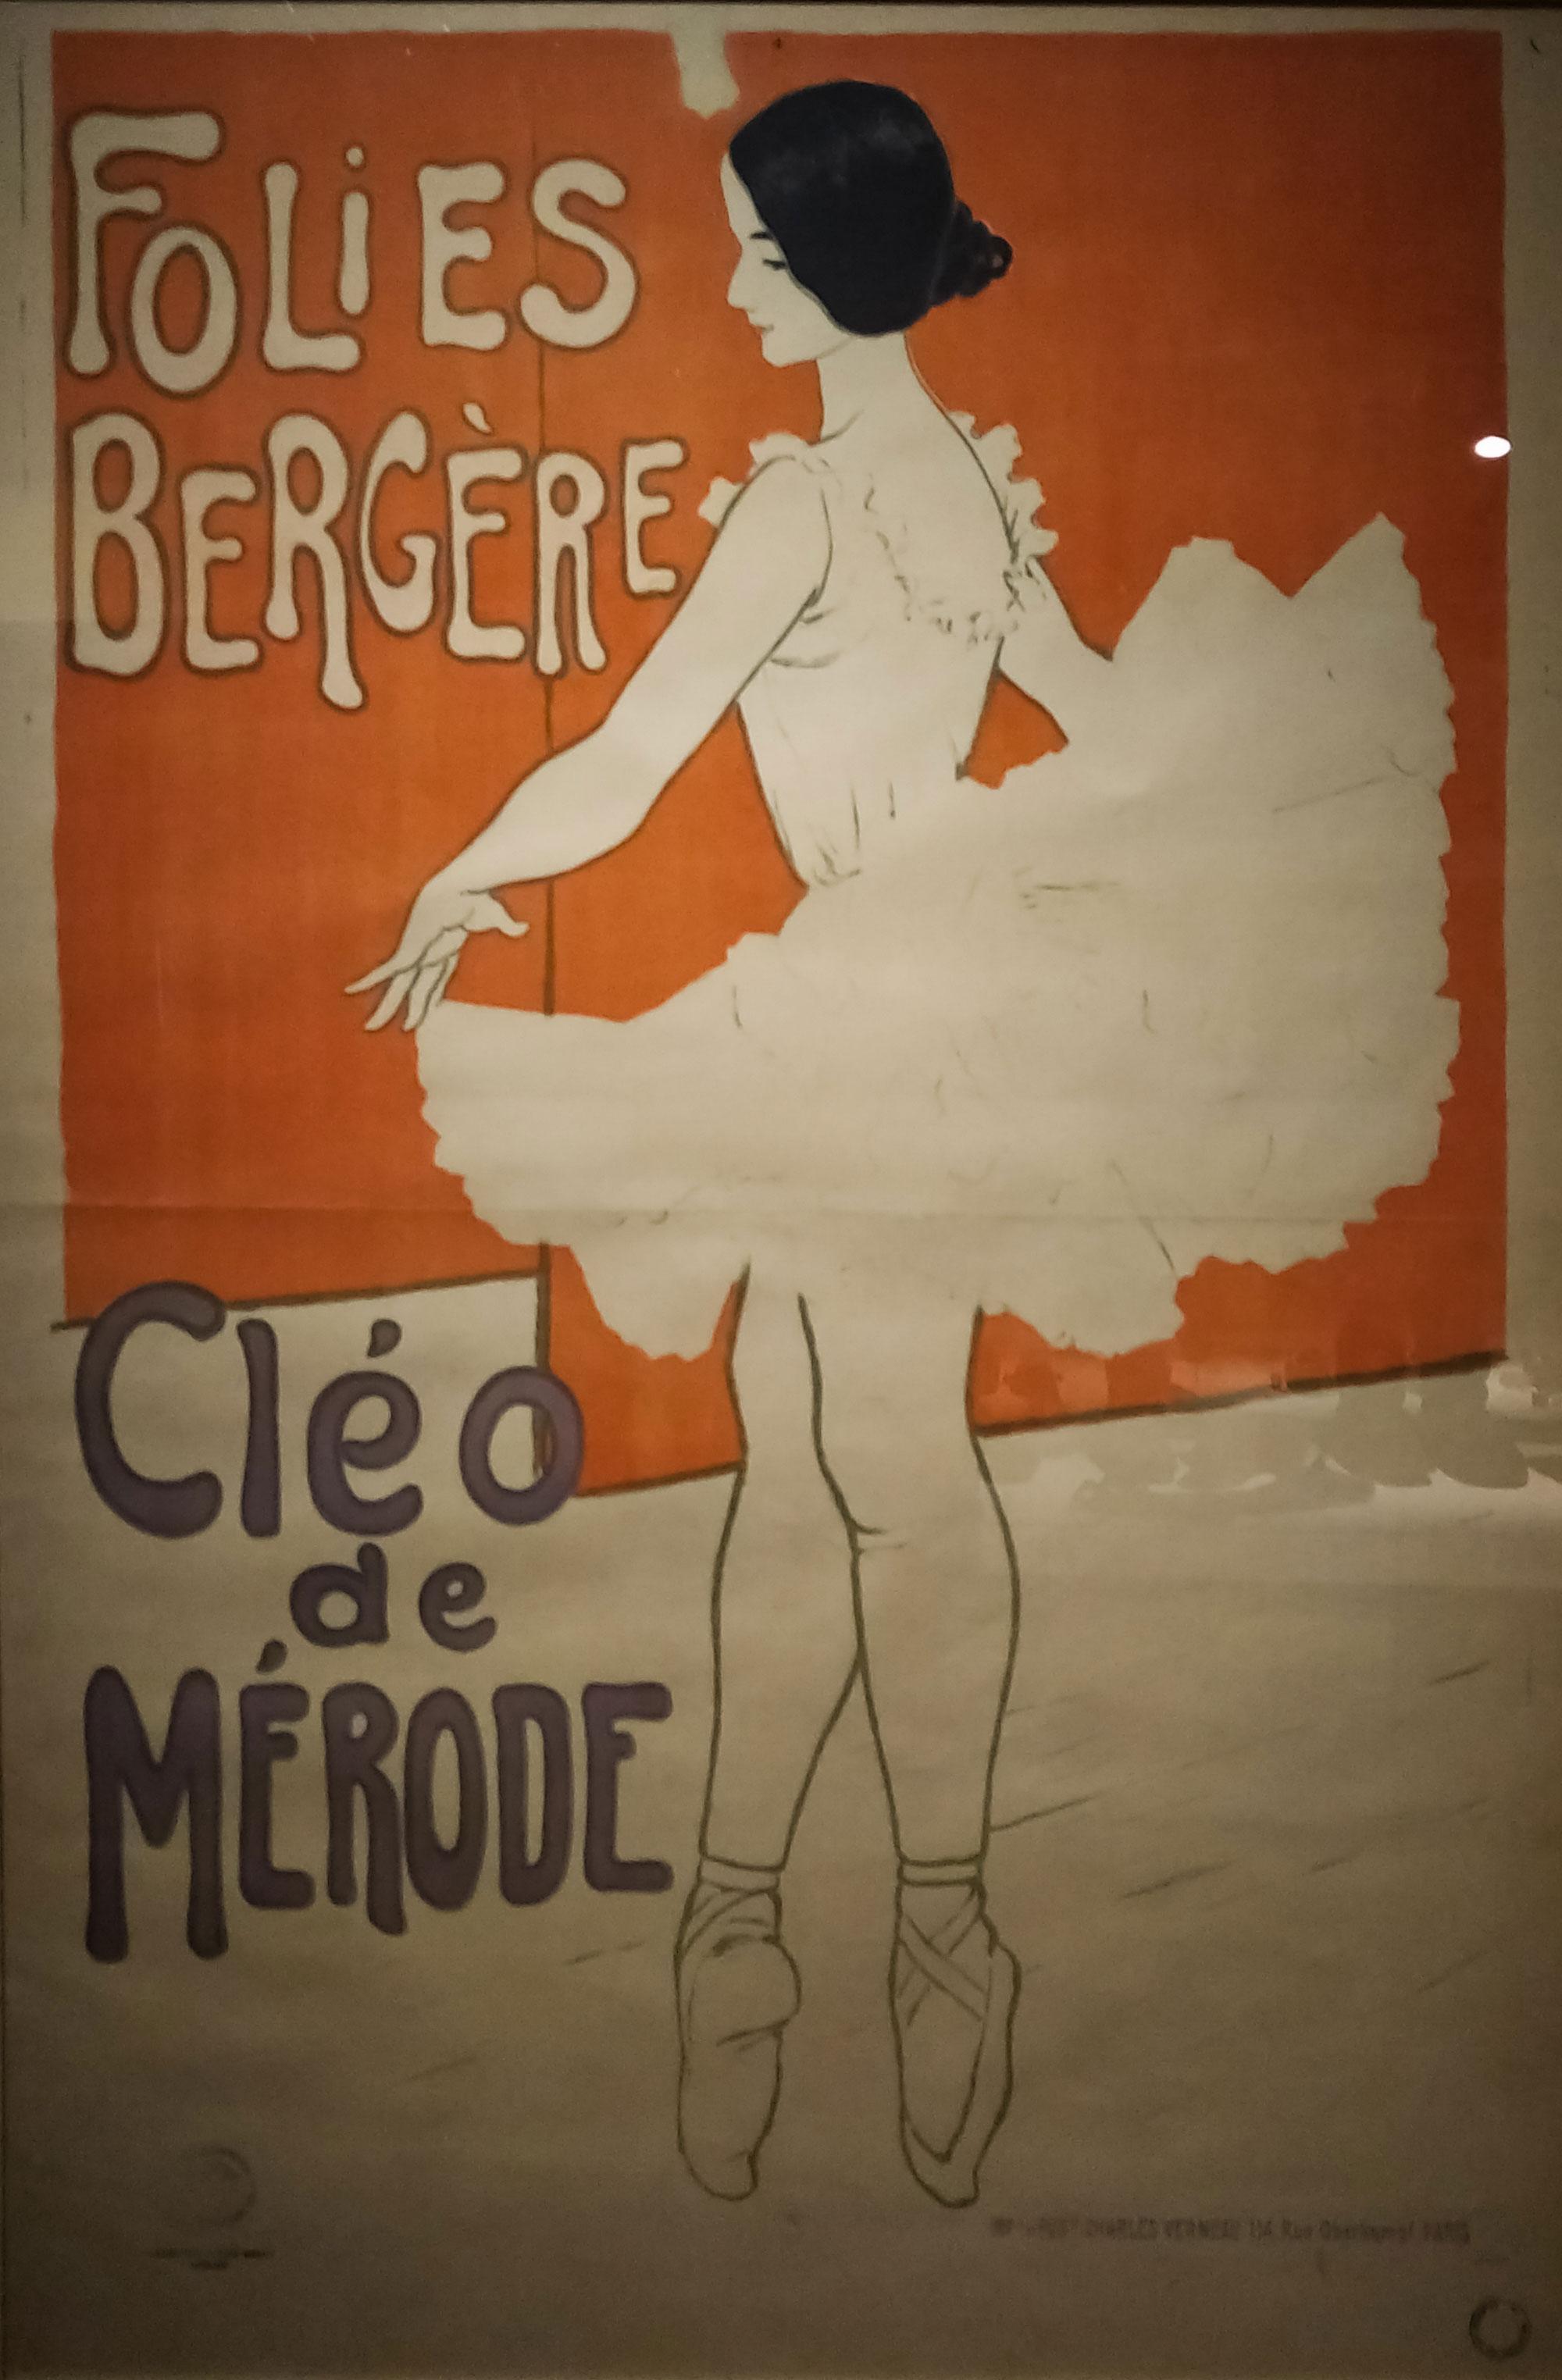 affiche montrant une danseuse